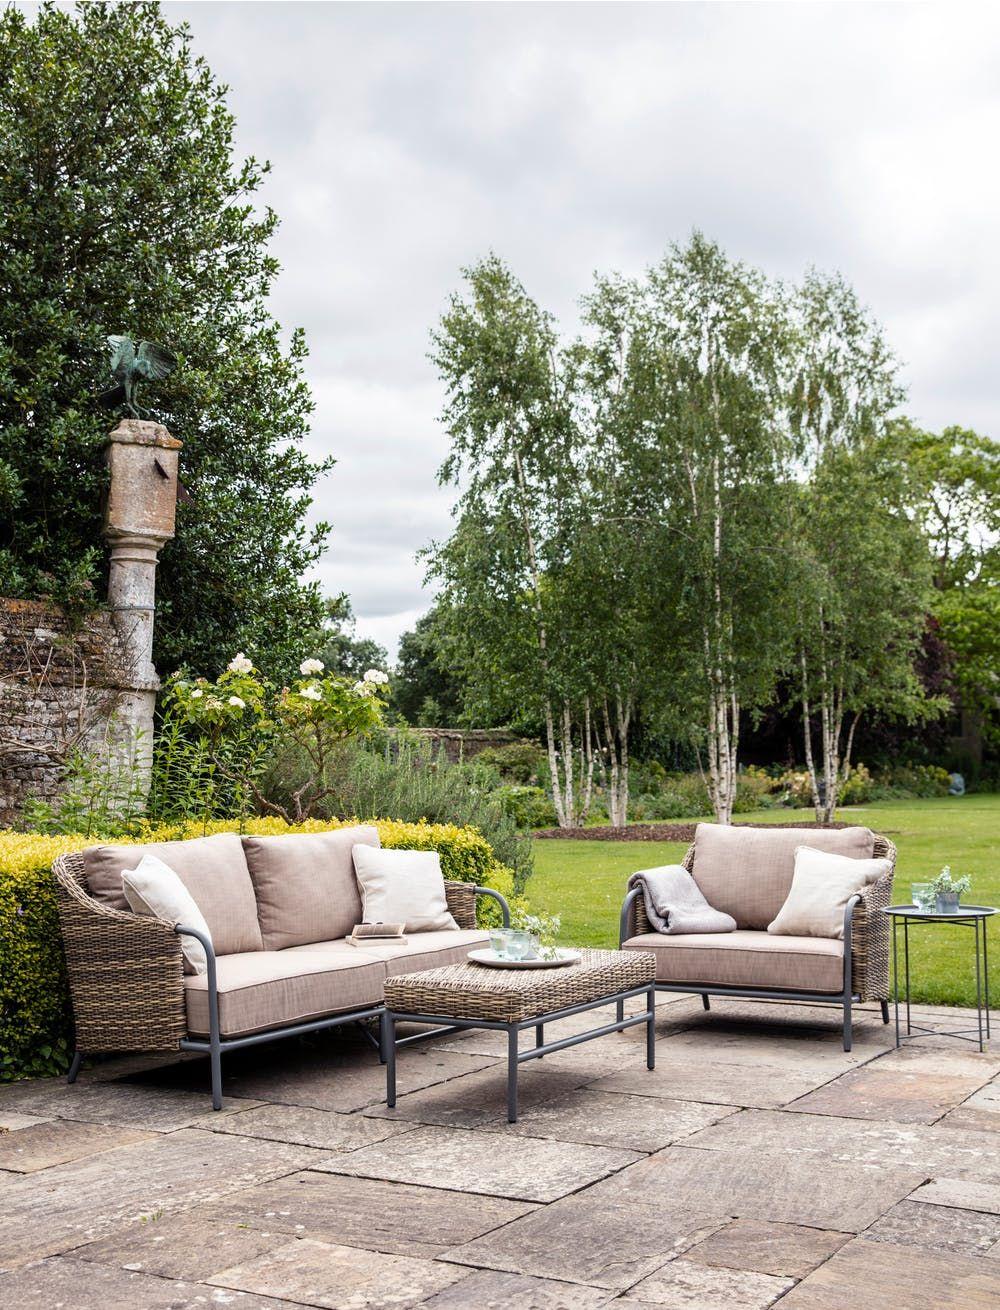 Heyshott Sofa Set  Outdoor sofa sets, Garden sofa, Best outdoor